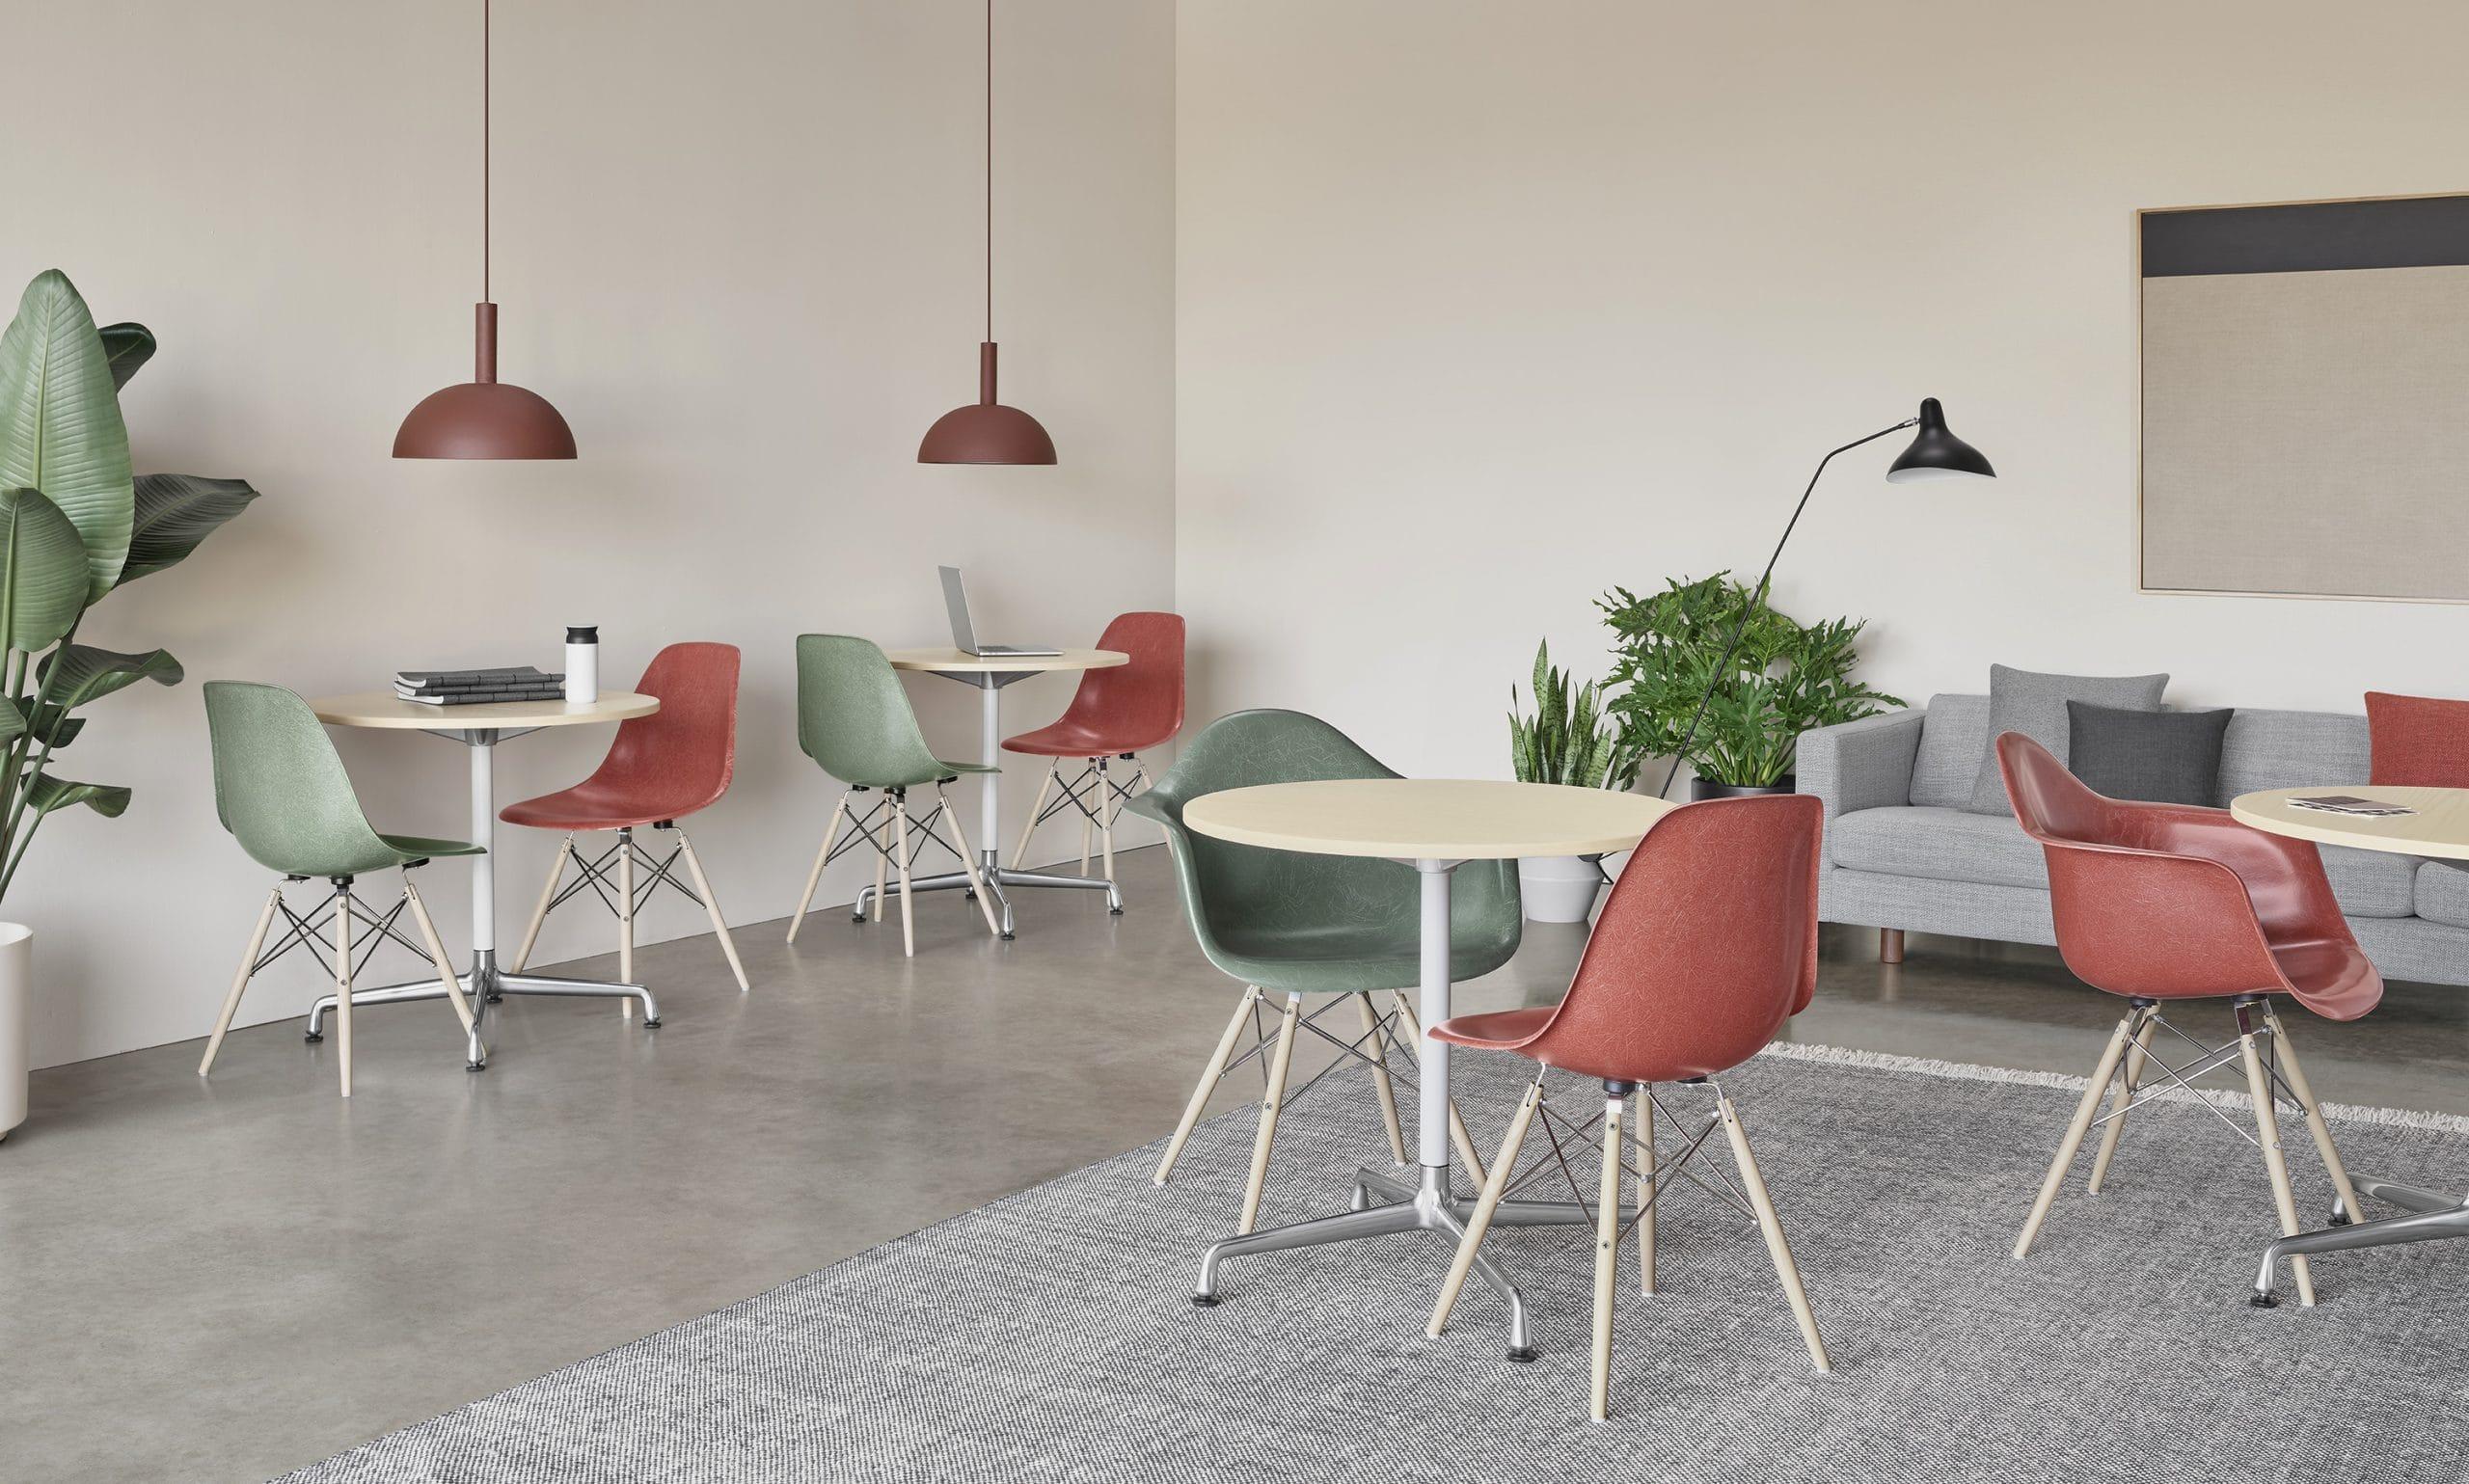 cadeira Eames original nas cores vermelha e verde